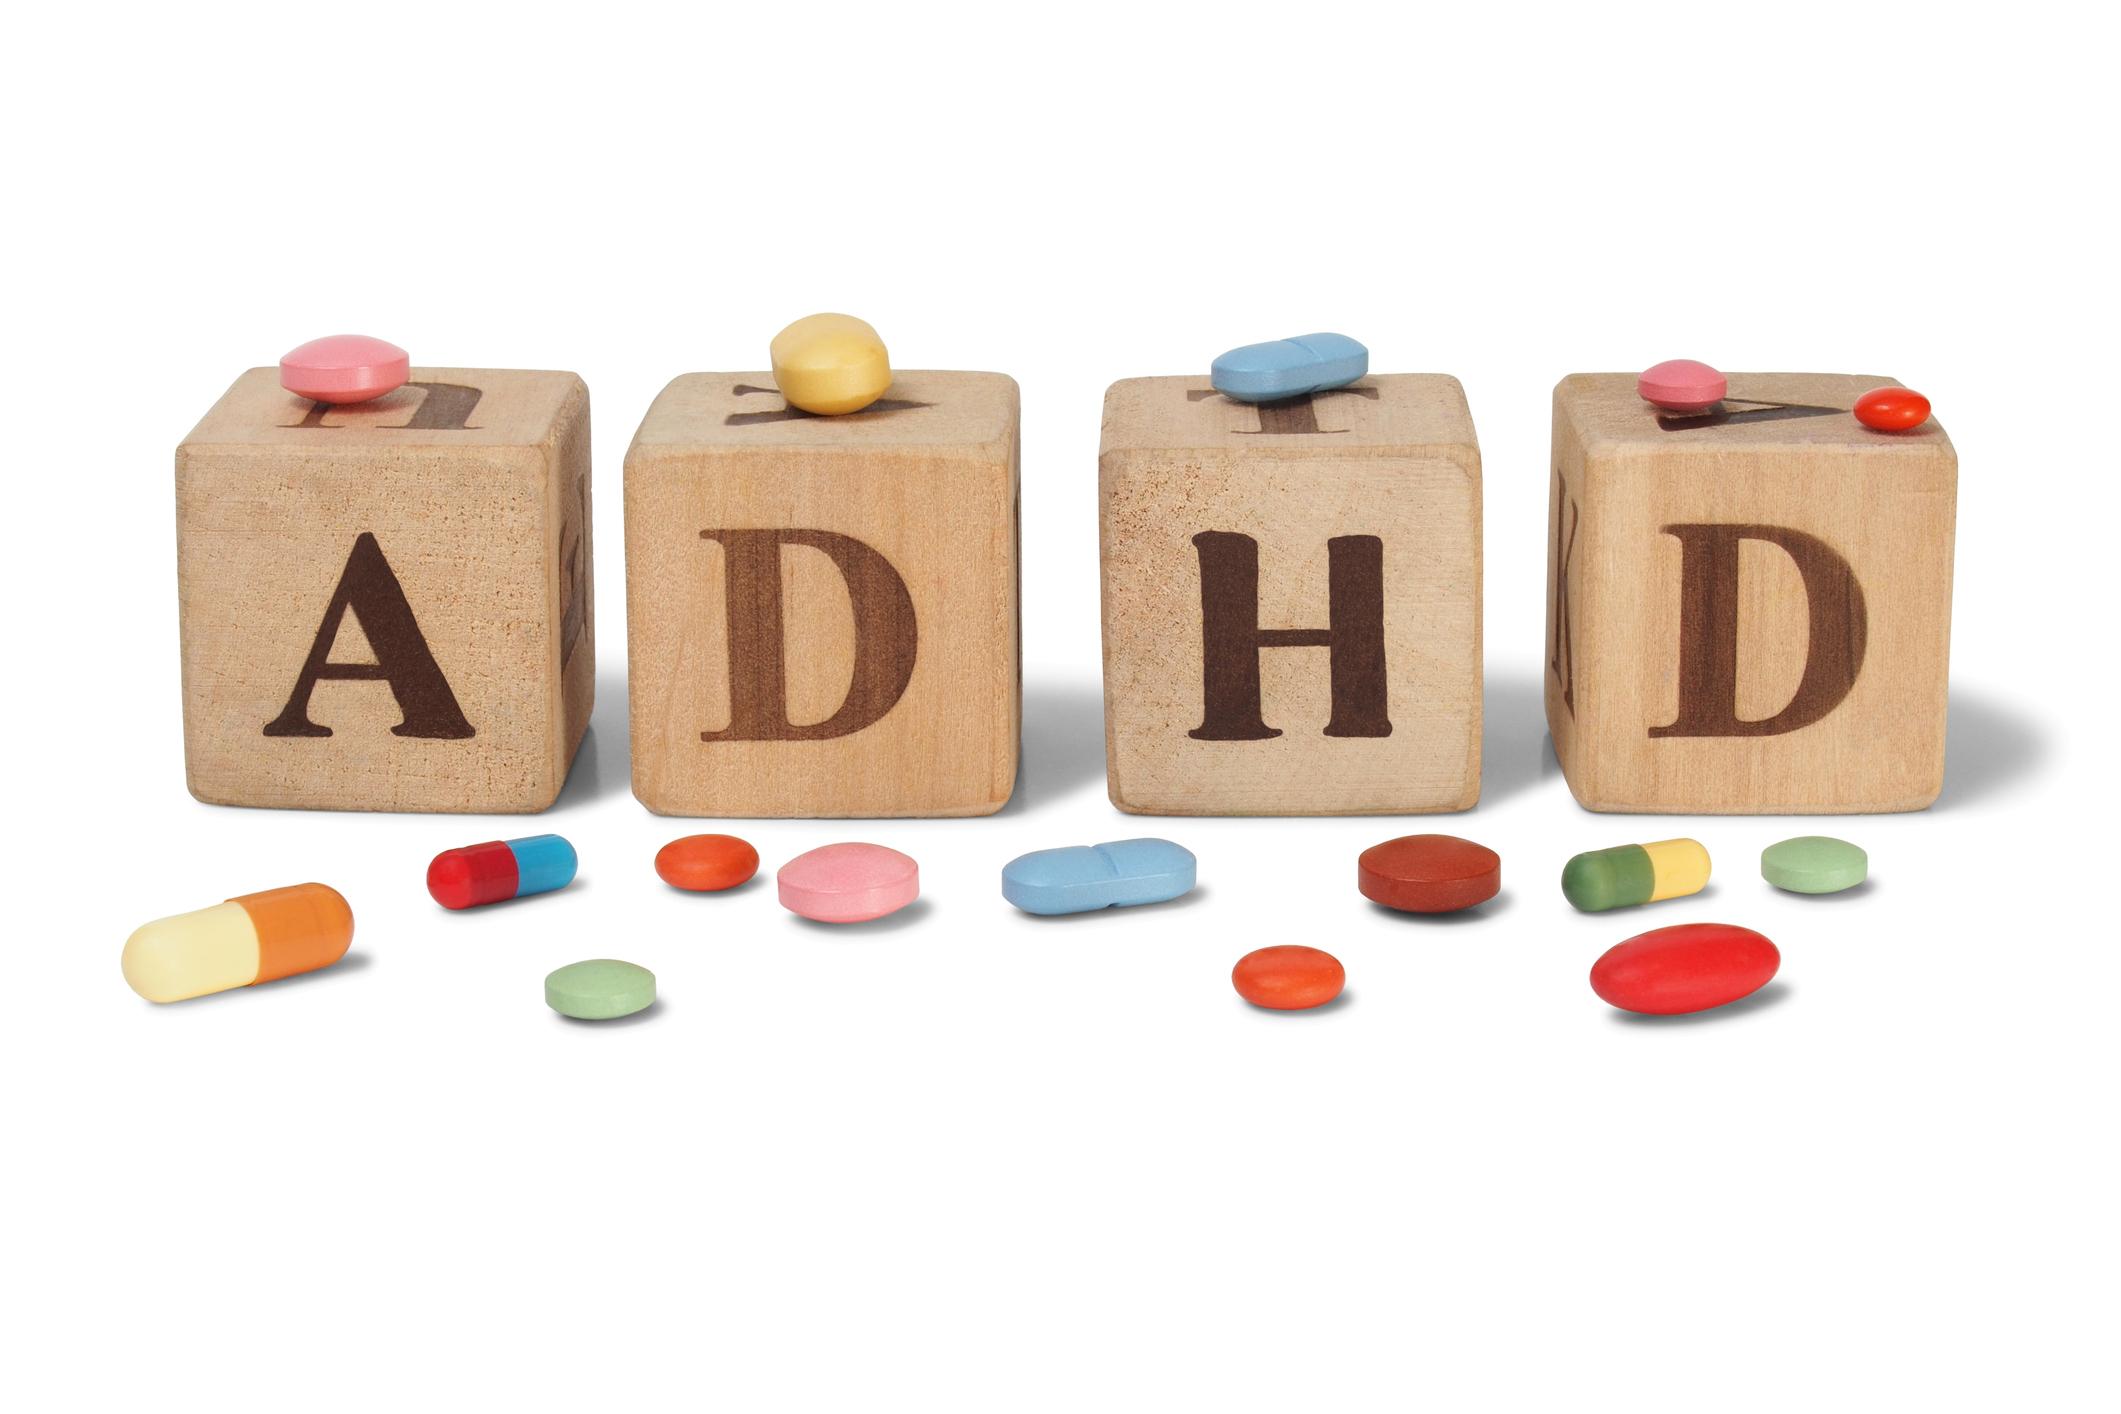 ADHD_meds_blocks.jpg